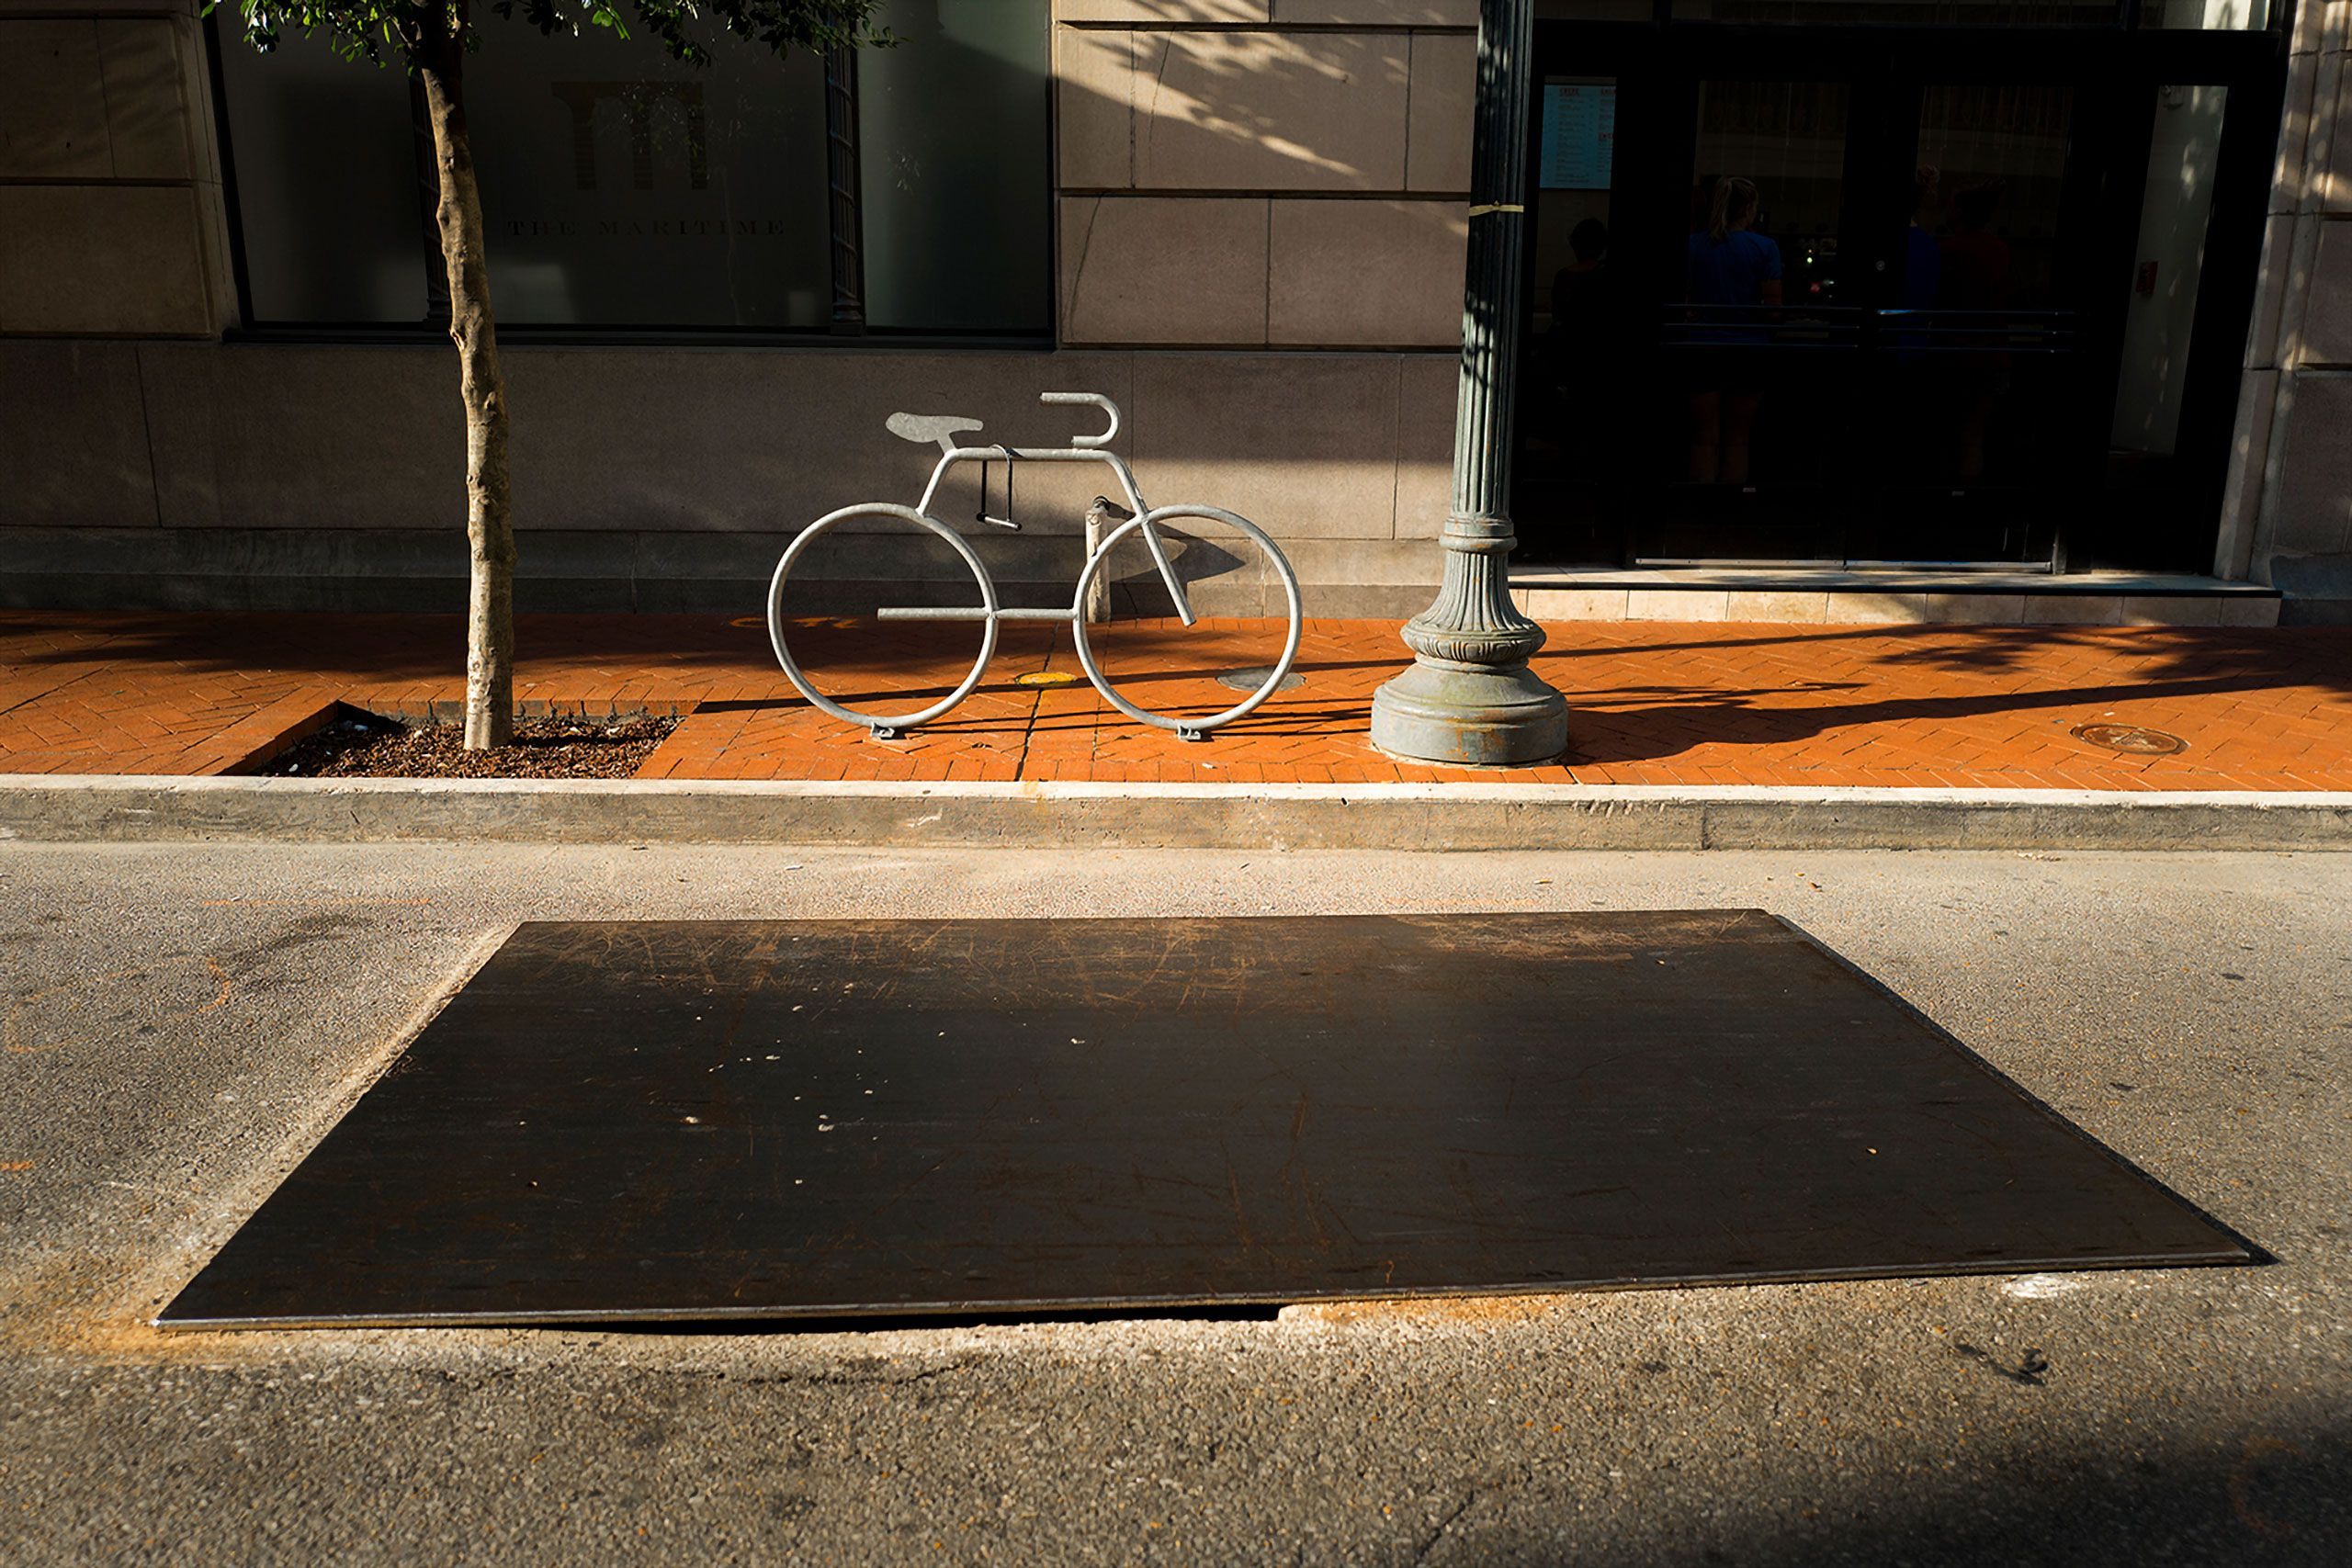 Street repair new orleans style